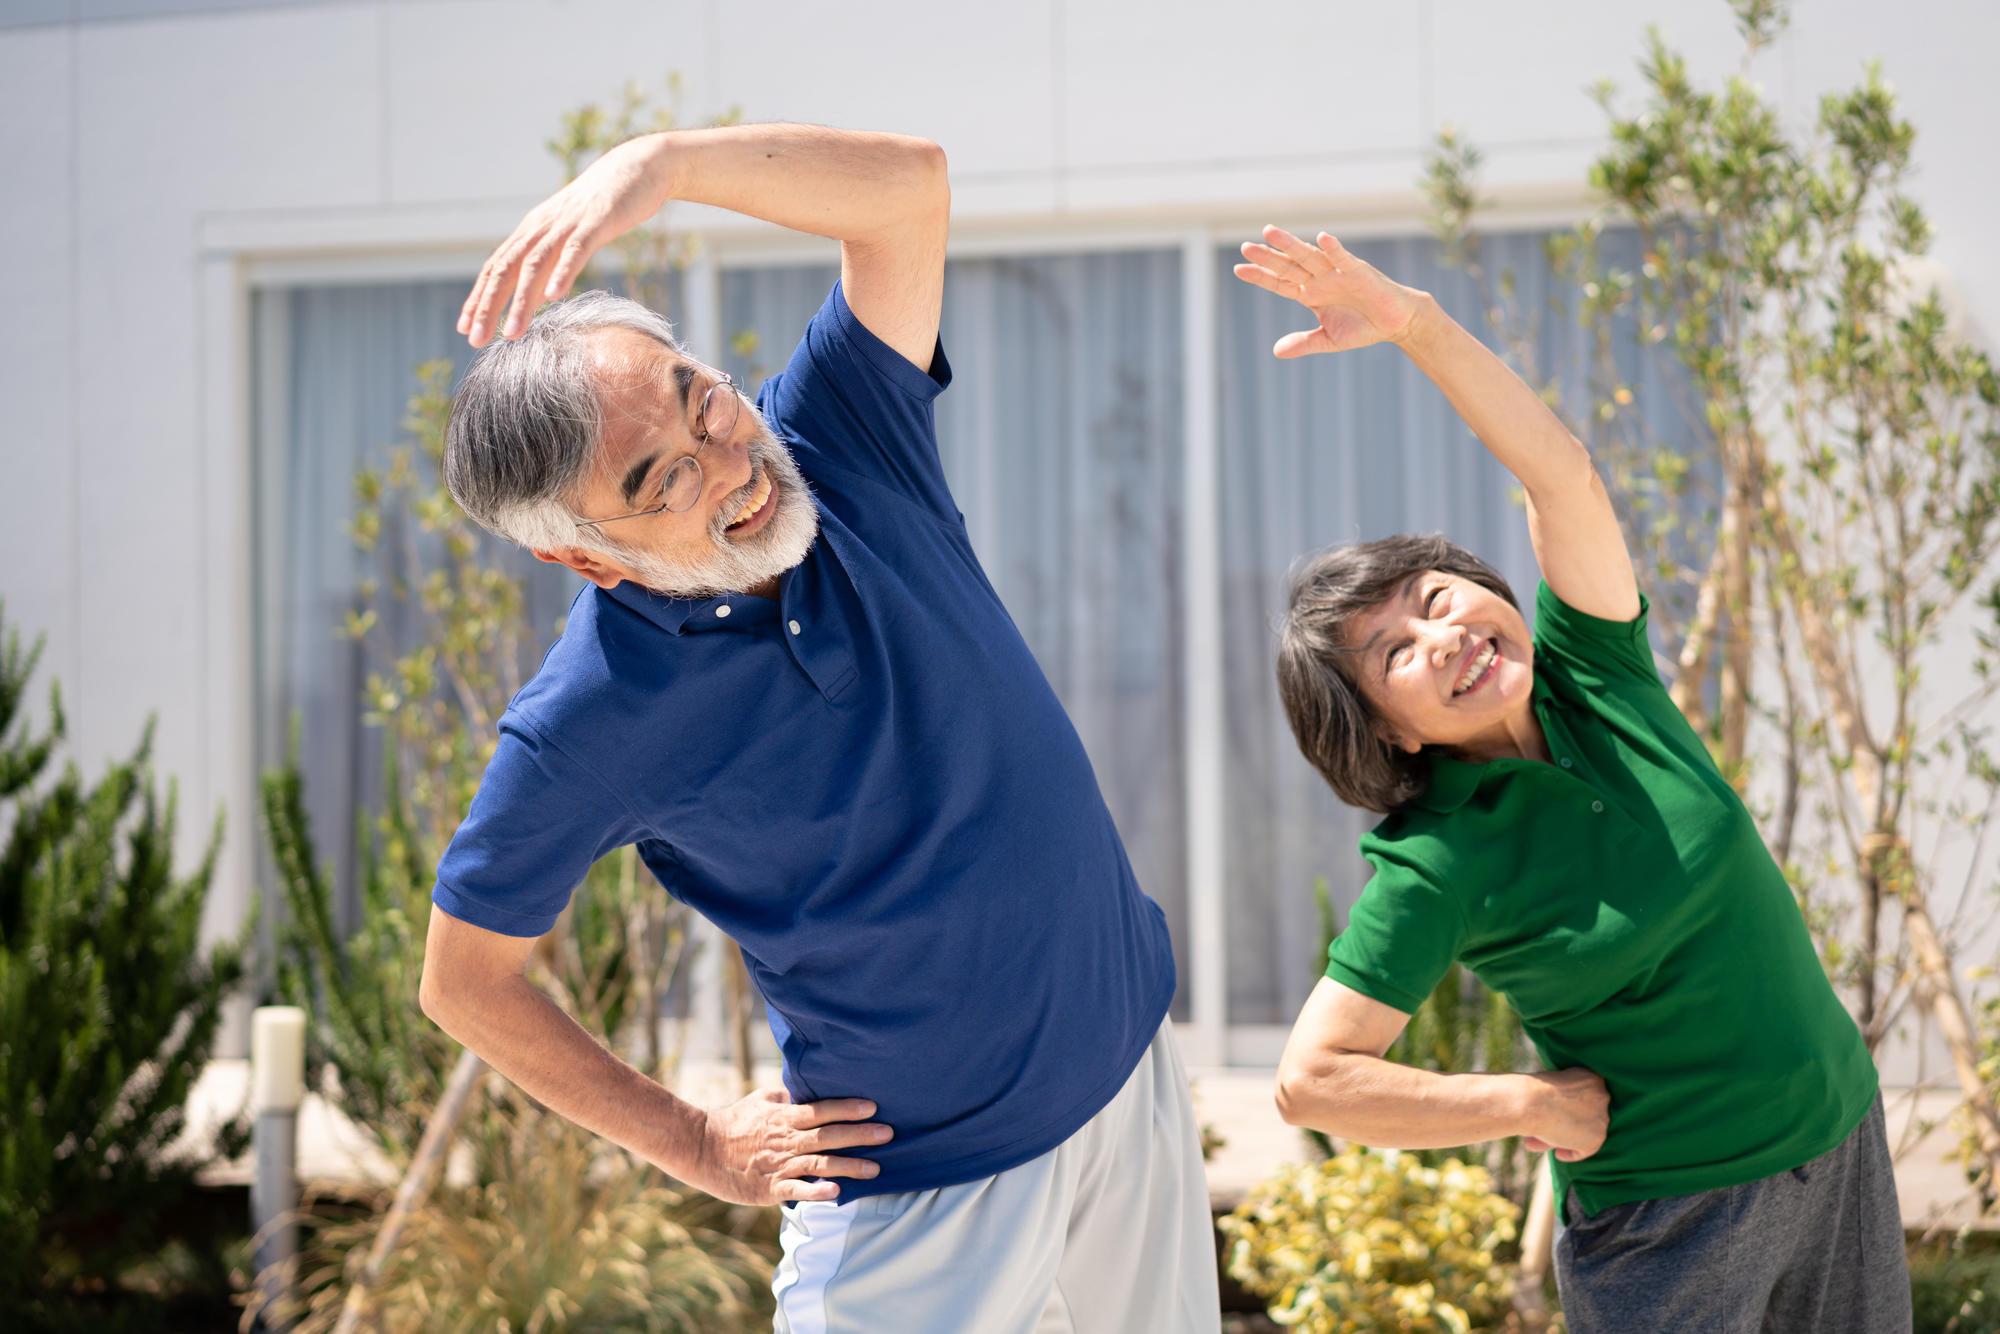 「人生100年時代」健康寿命を延ばすためにできる取り組み|介護のコラム